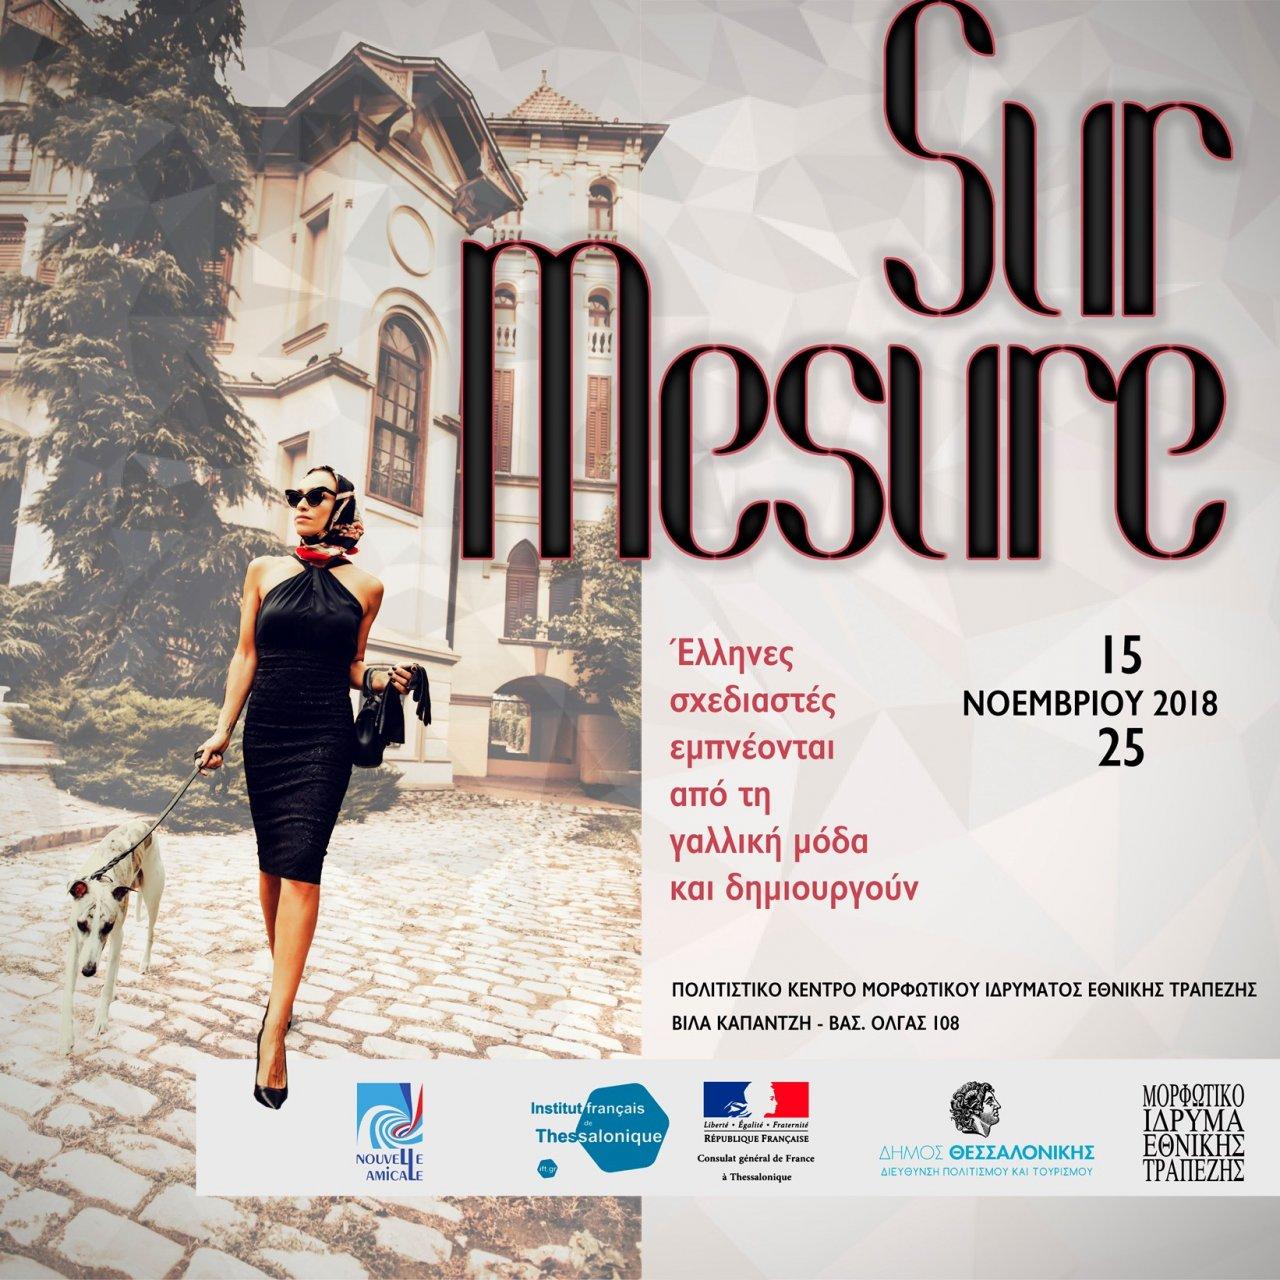 «Sur mesure – Έλληνες σχεδιαστές εμπνέονται από τη γαλλική μόδα και δημιουργούν»